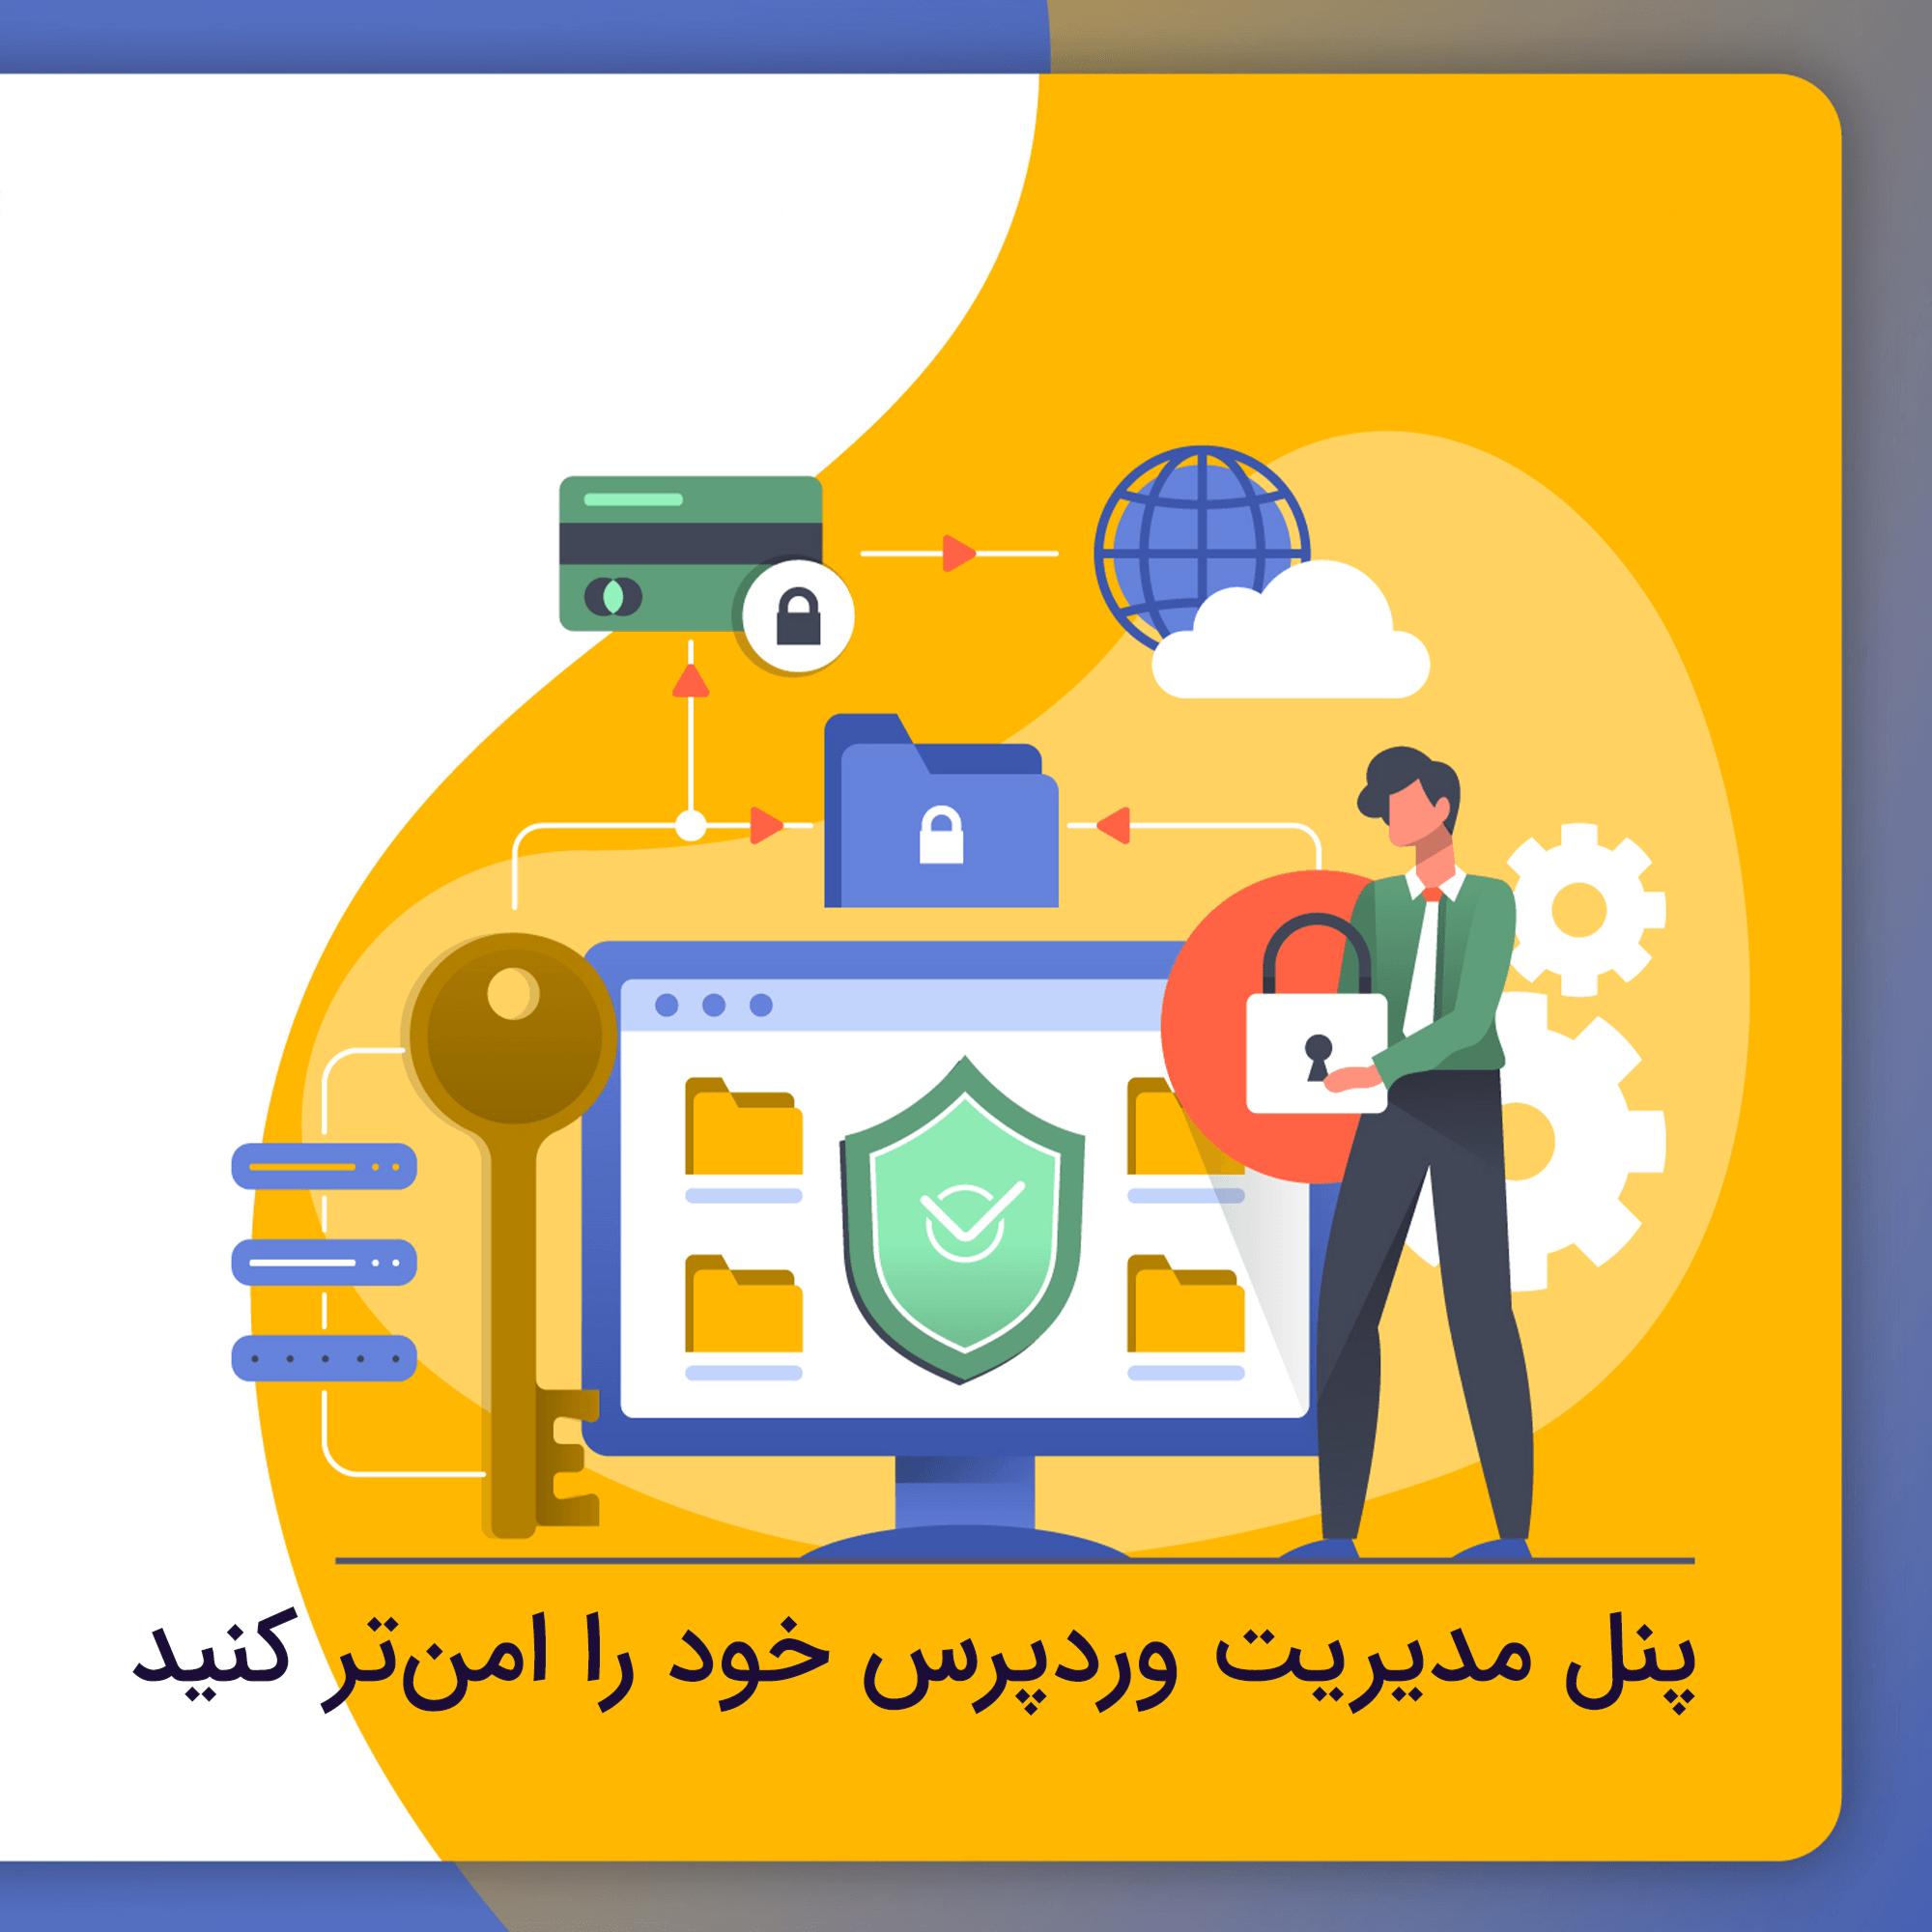 رمز گذاری روی wp-admin برای افزایش امنیت